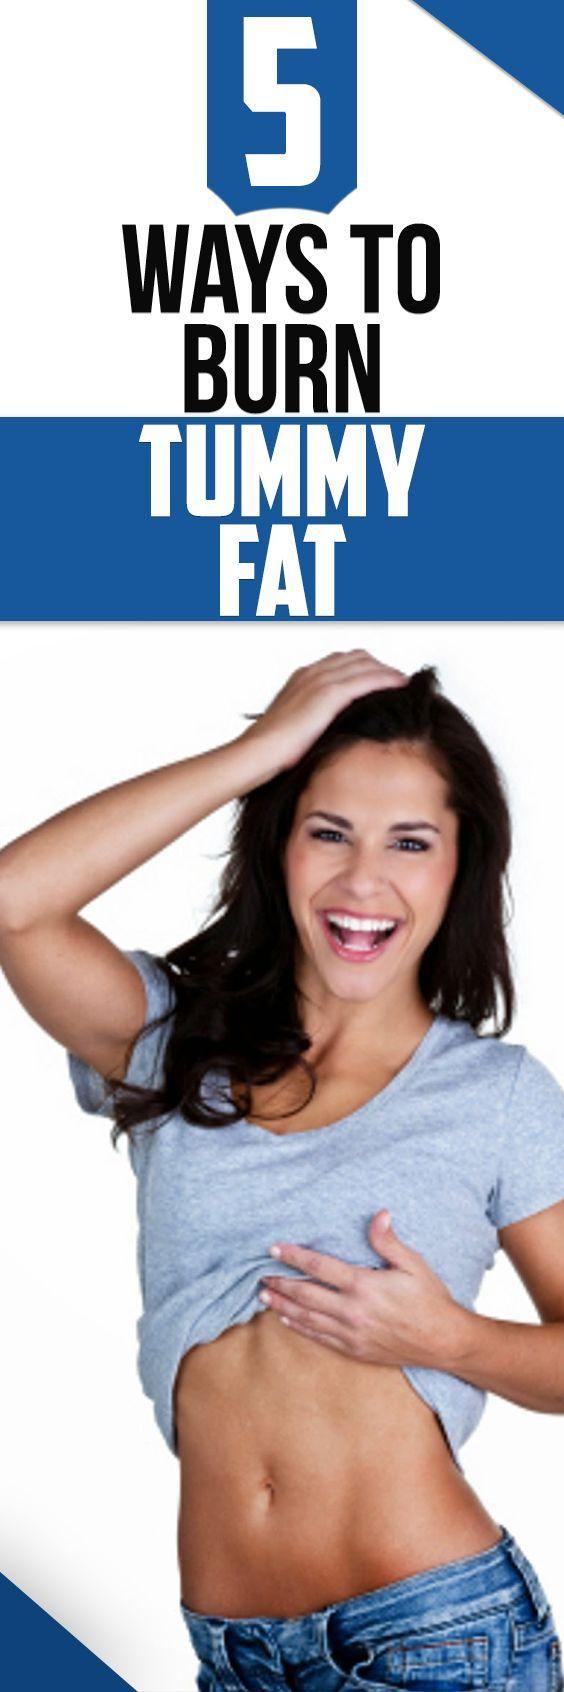 5 BEST Ways to Burn TUMMY FAT Quickly